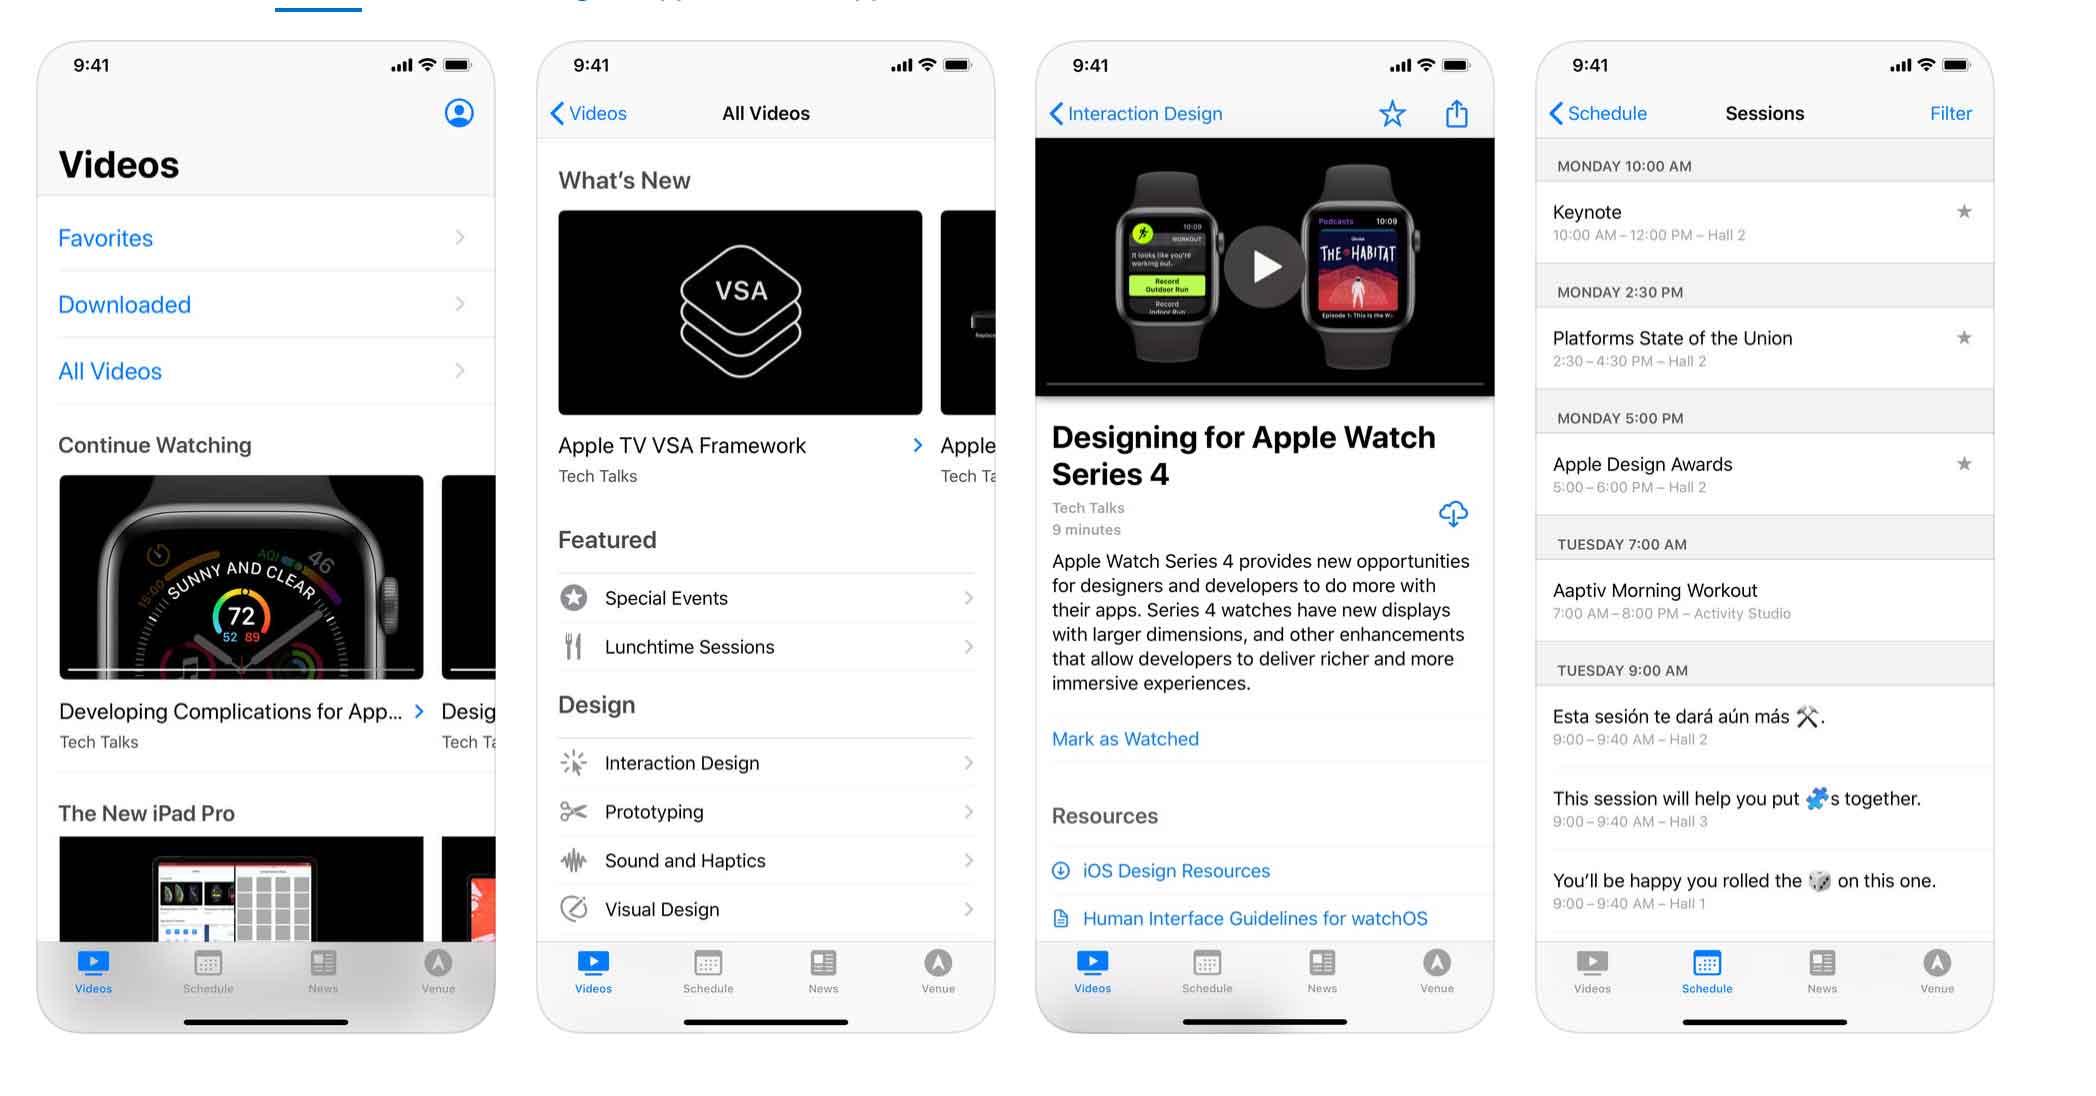 Aggiornata l'app per gli sviluppatori che partecipano alla WWDC19